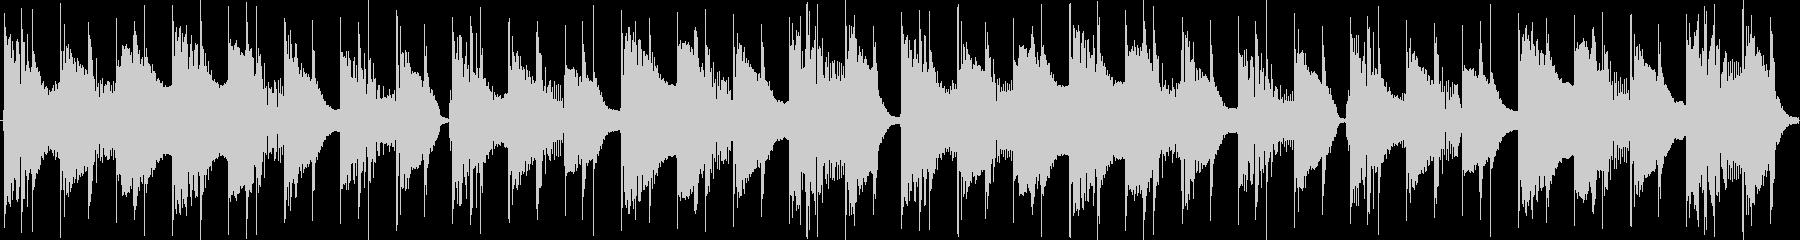 カチカチ音のZap系ディスコループの未再生の波形